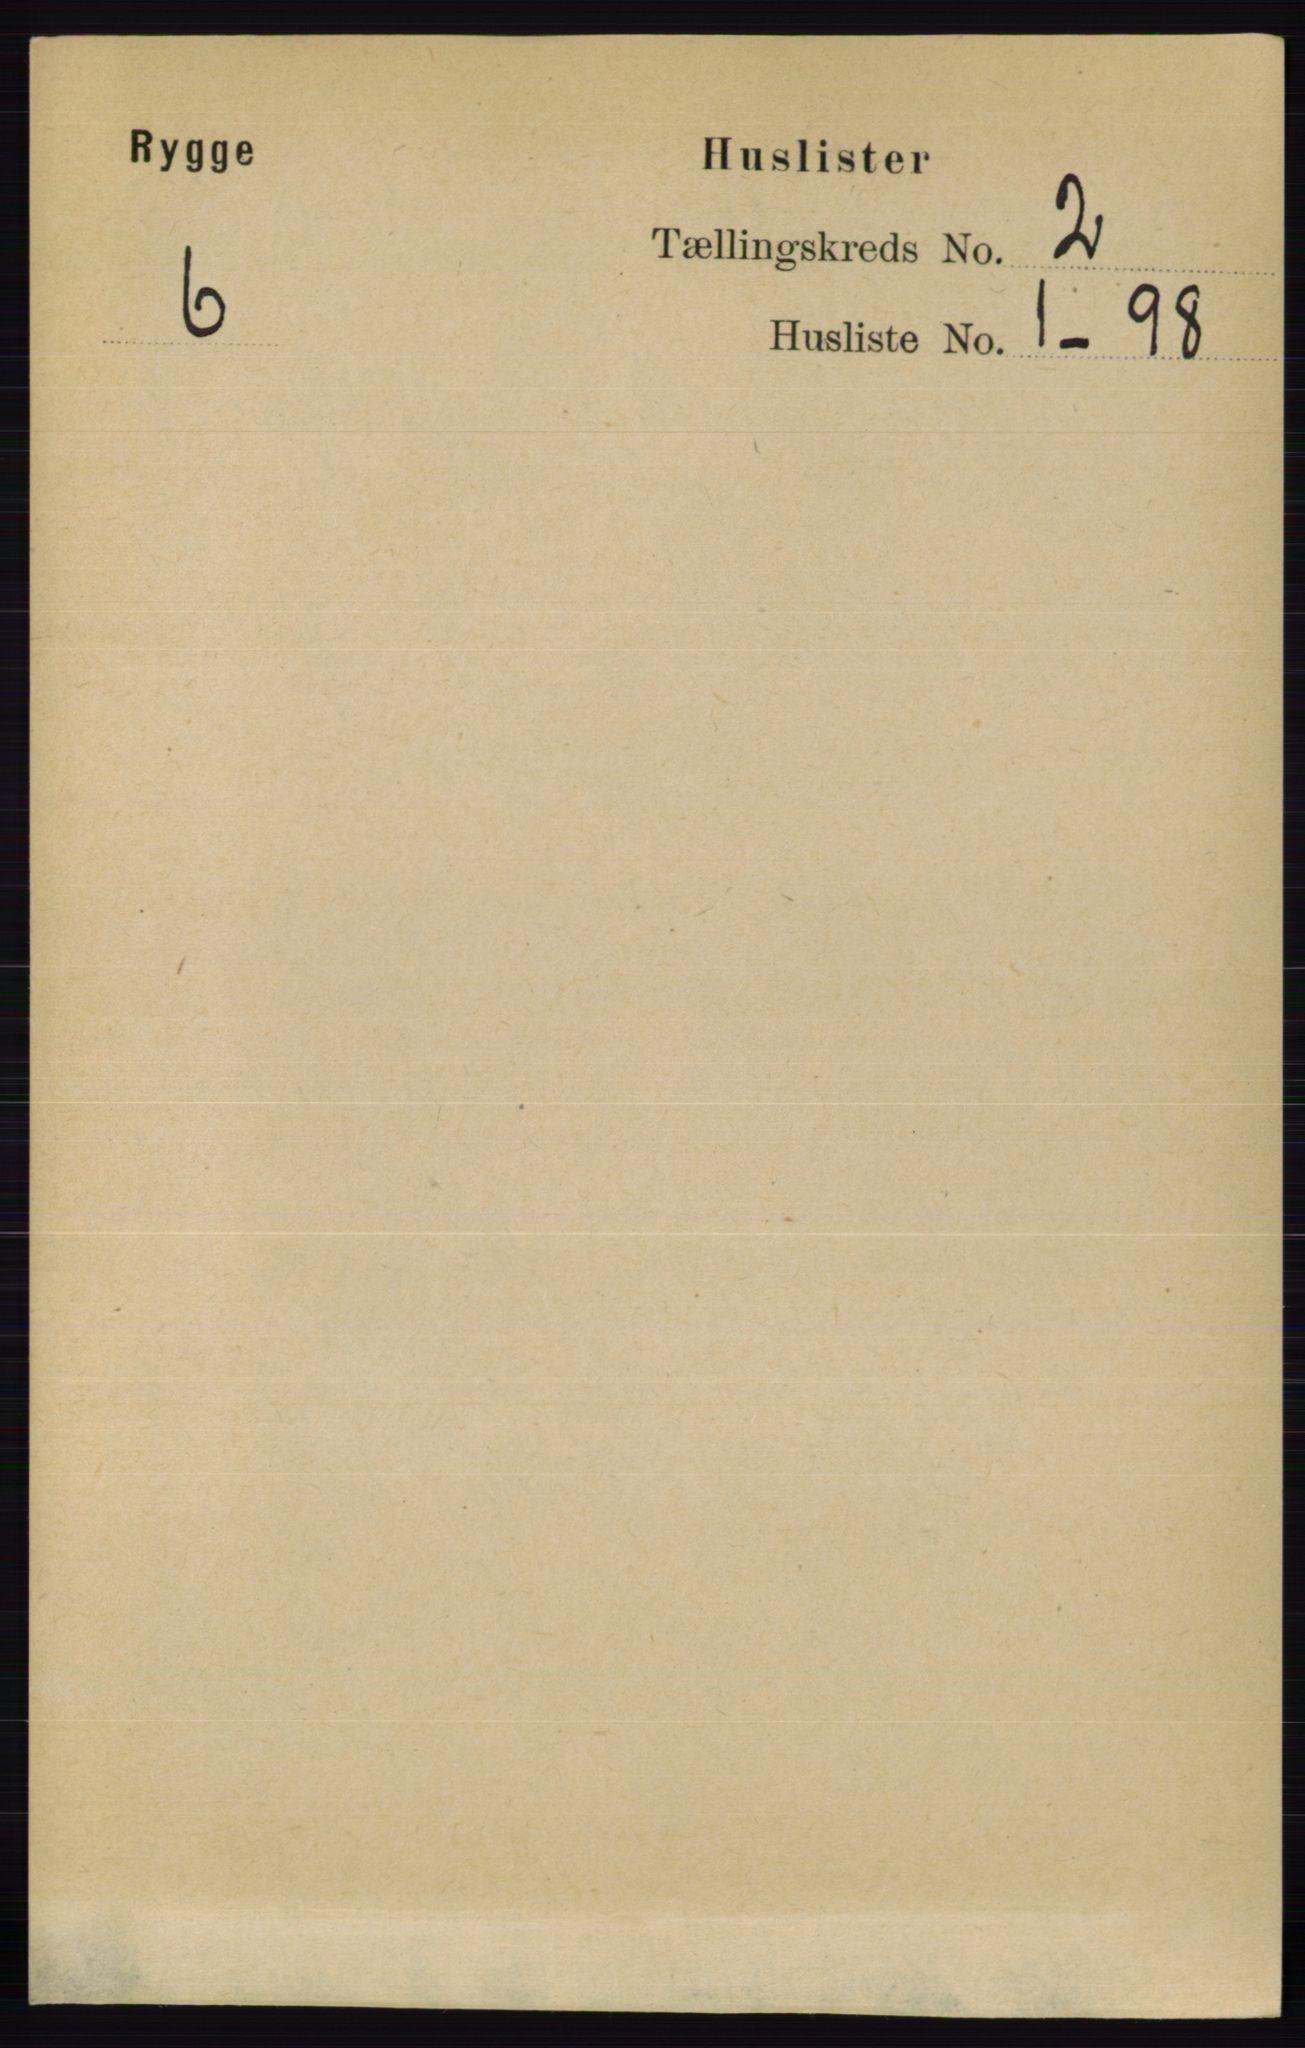 RA, Folketelling 1891 for 0136 Rygge herred, 1891, s. 905